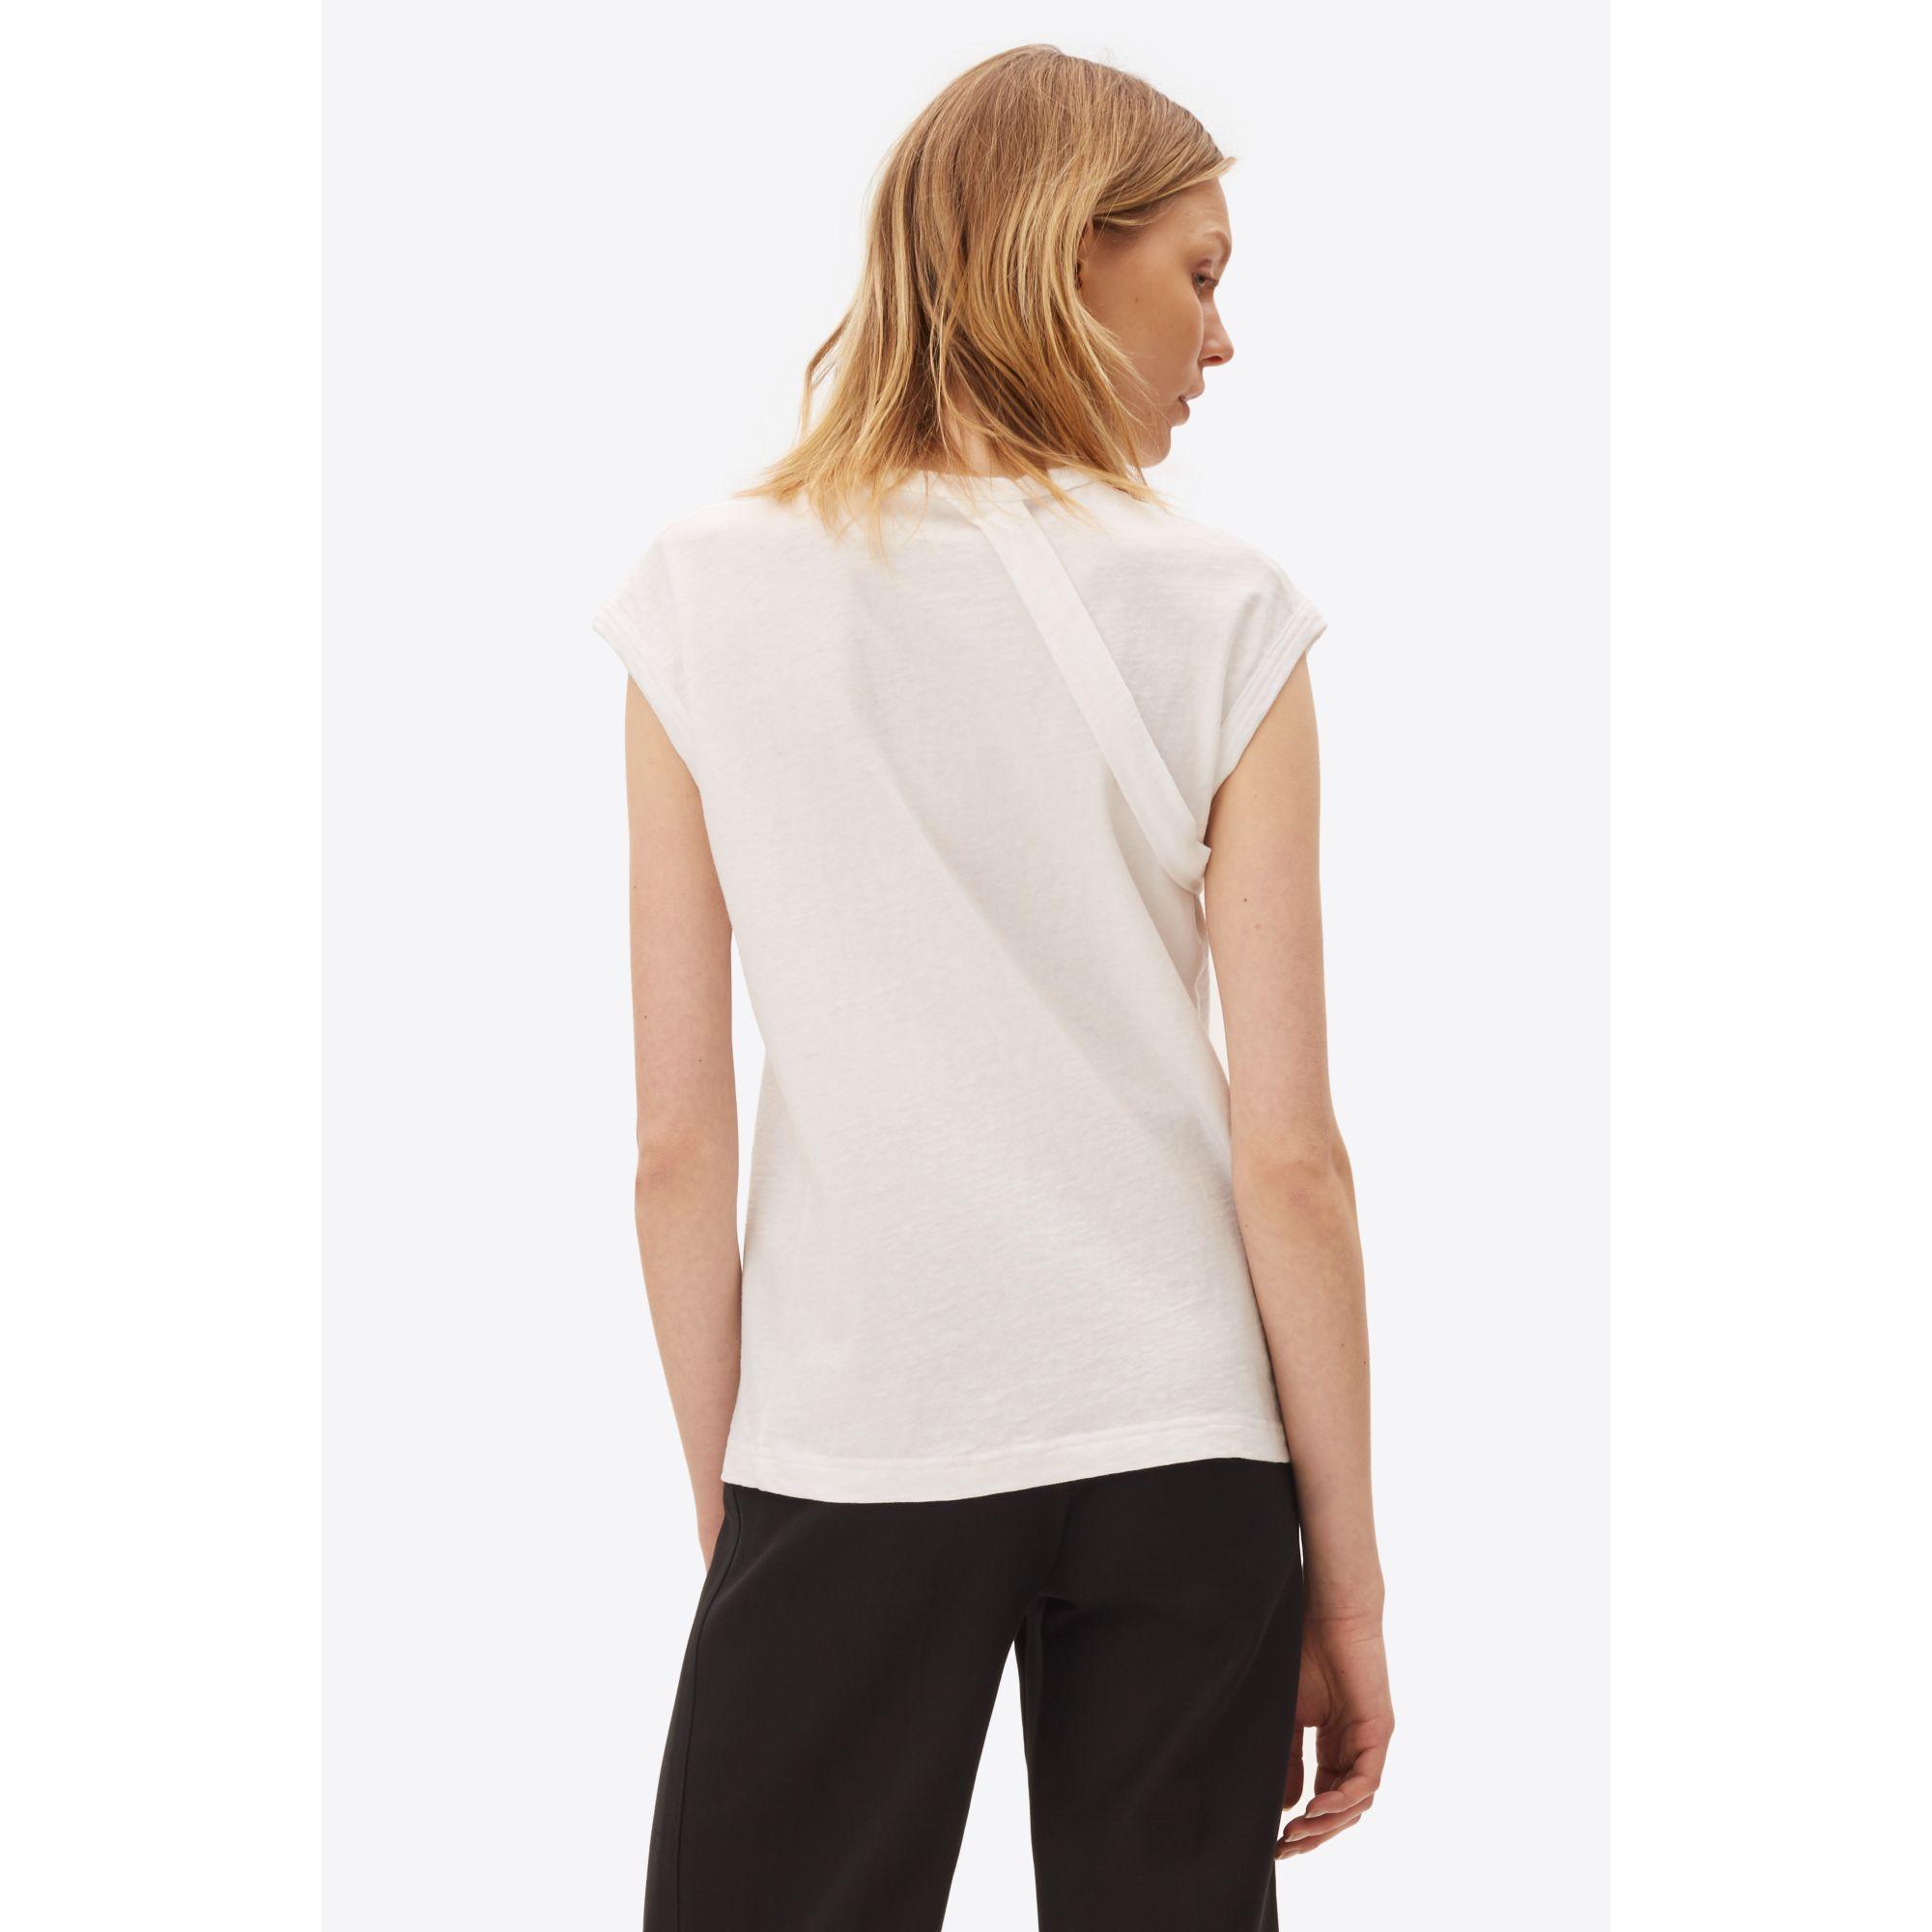 helmut lang strap t shirt in white lyst. Black Bedroom Furniture Sets. Home Design Ideas